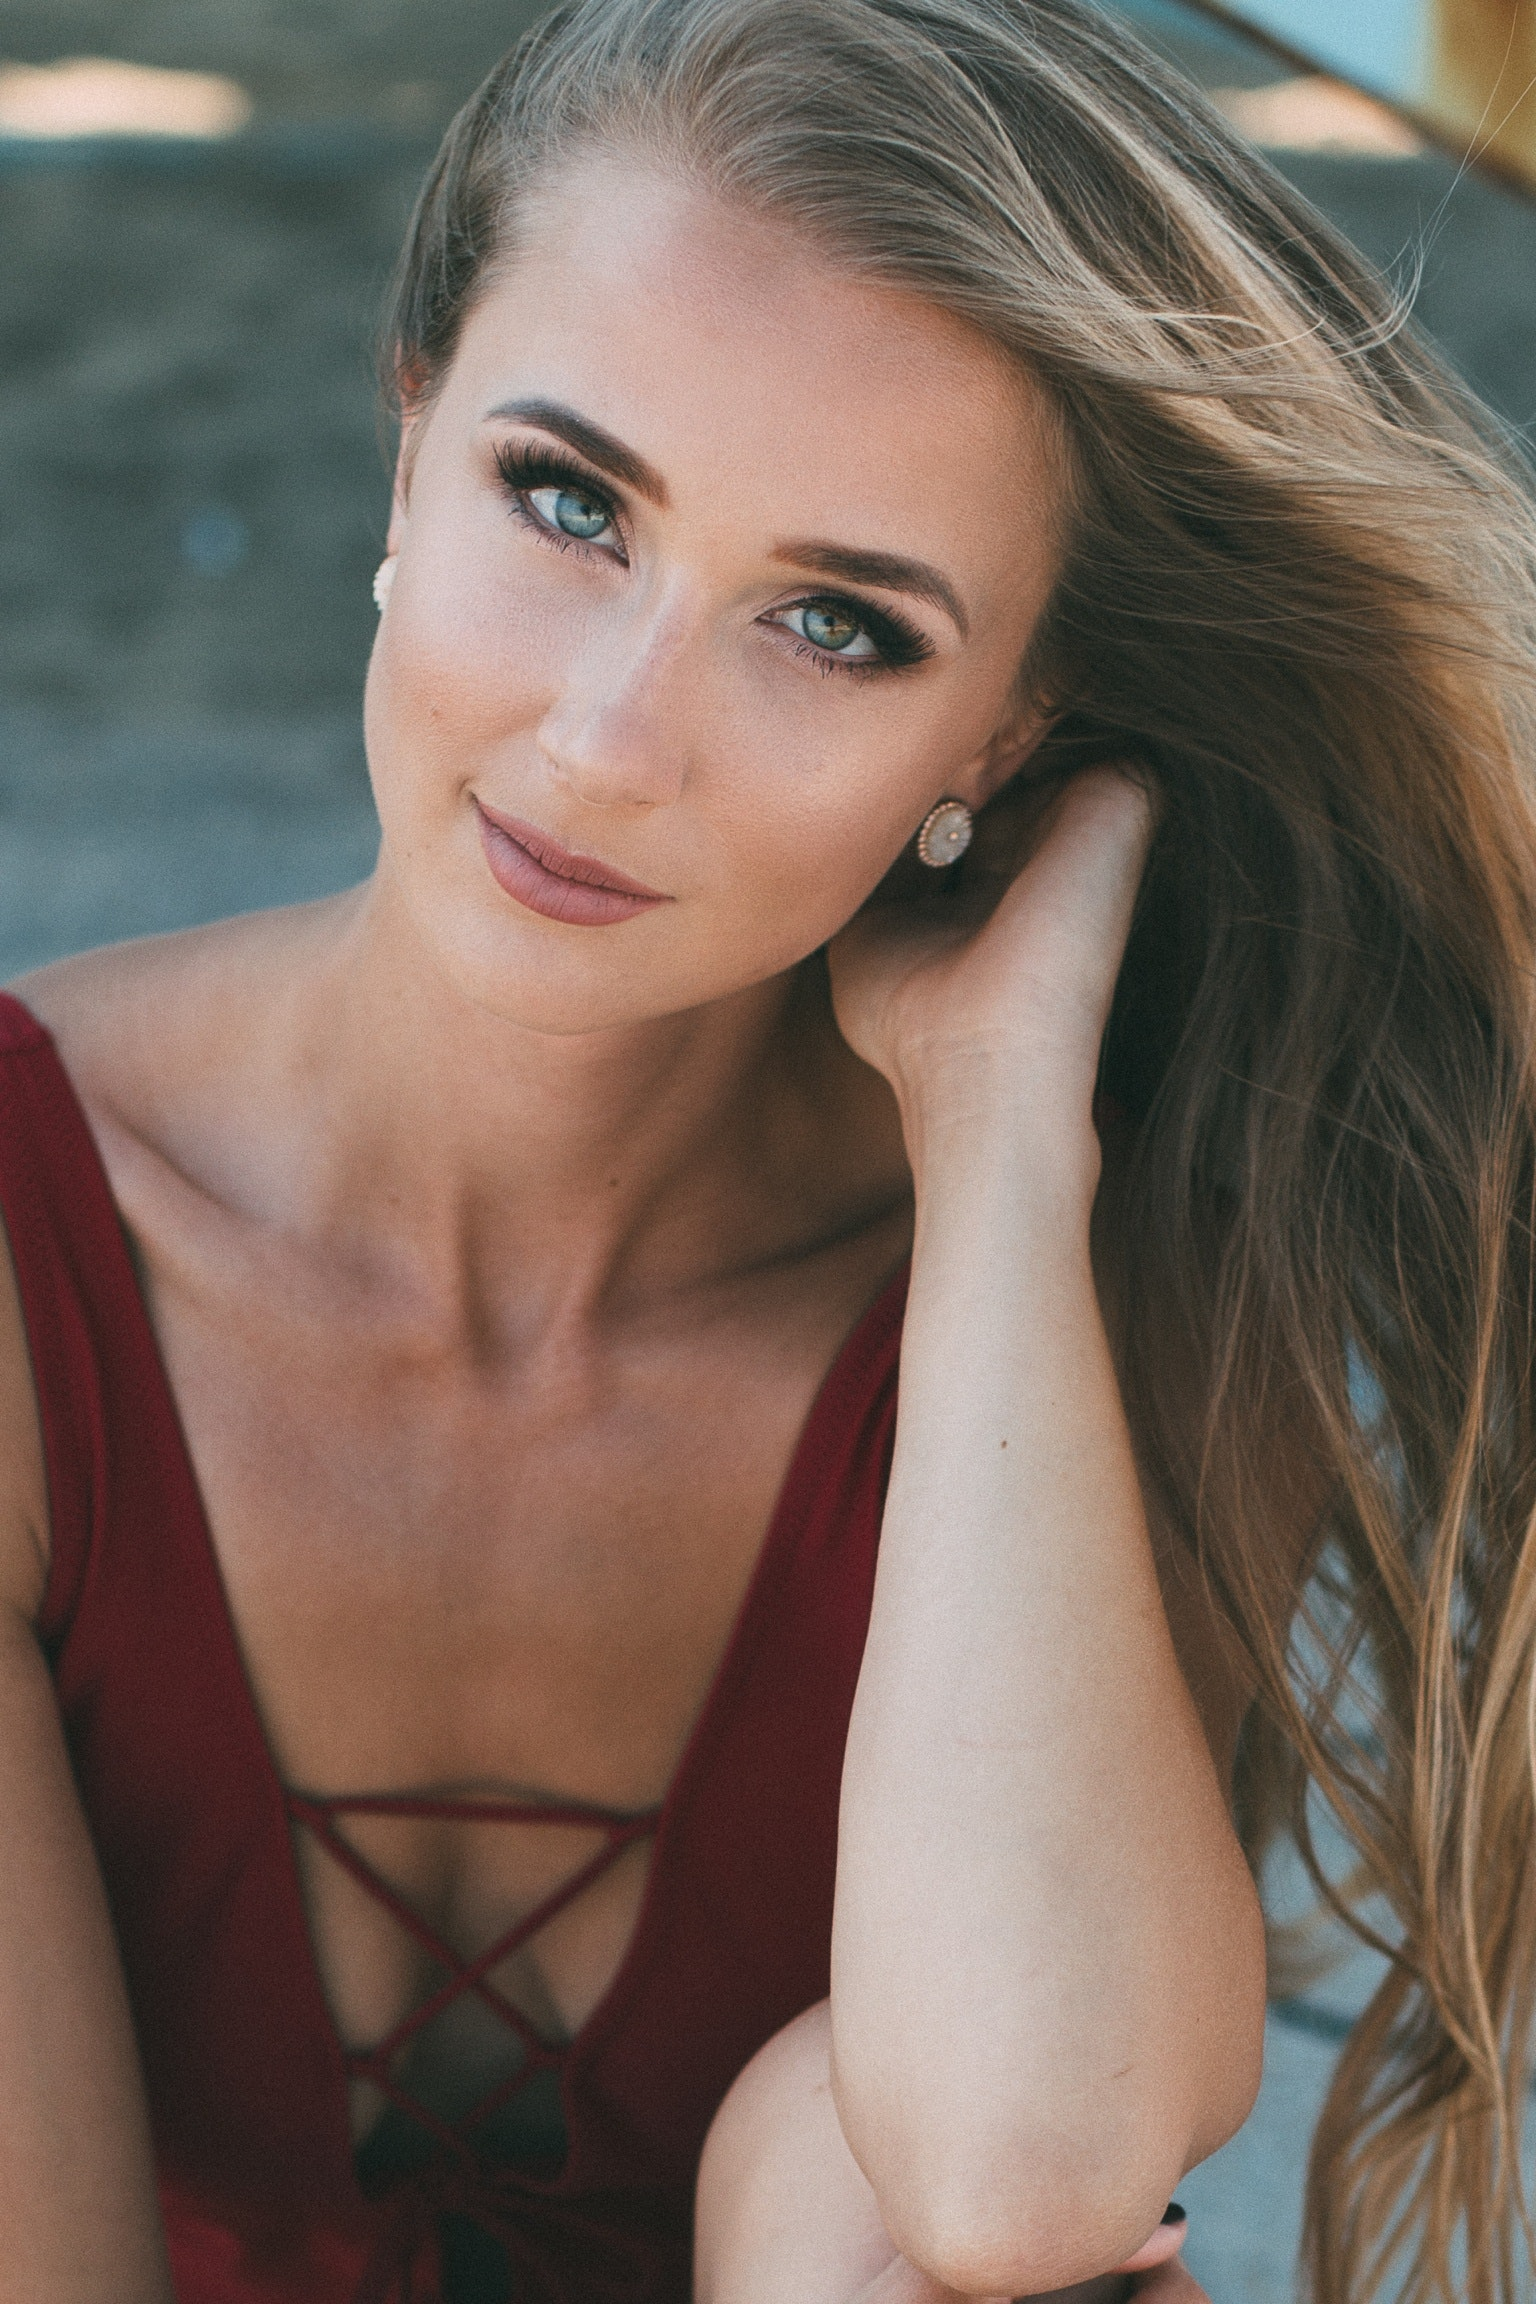 Alexandra Koryttseva's Model portfolio